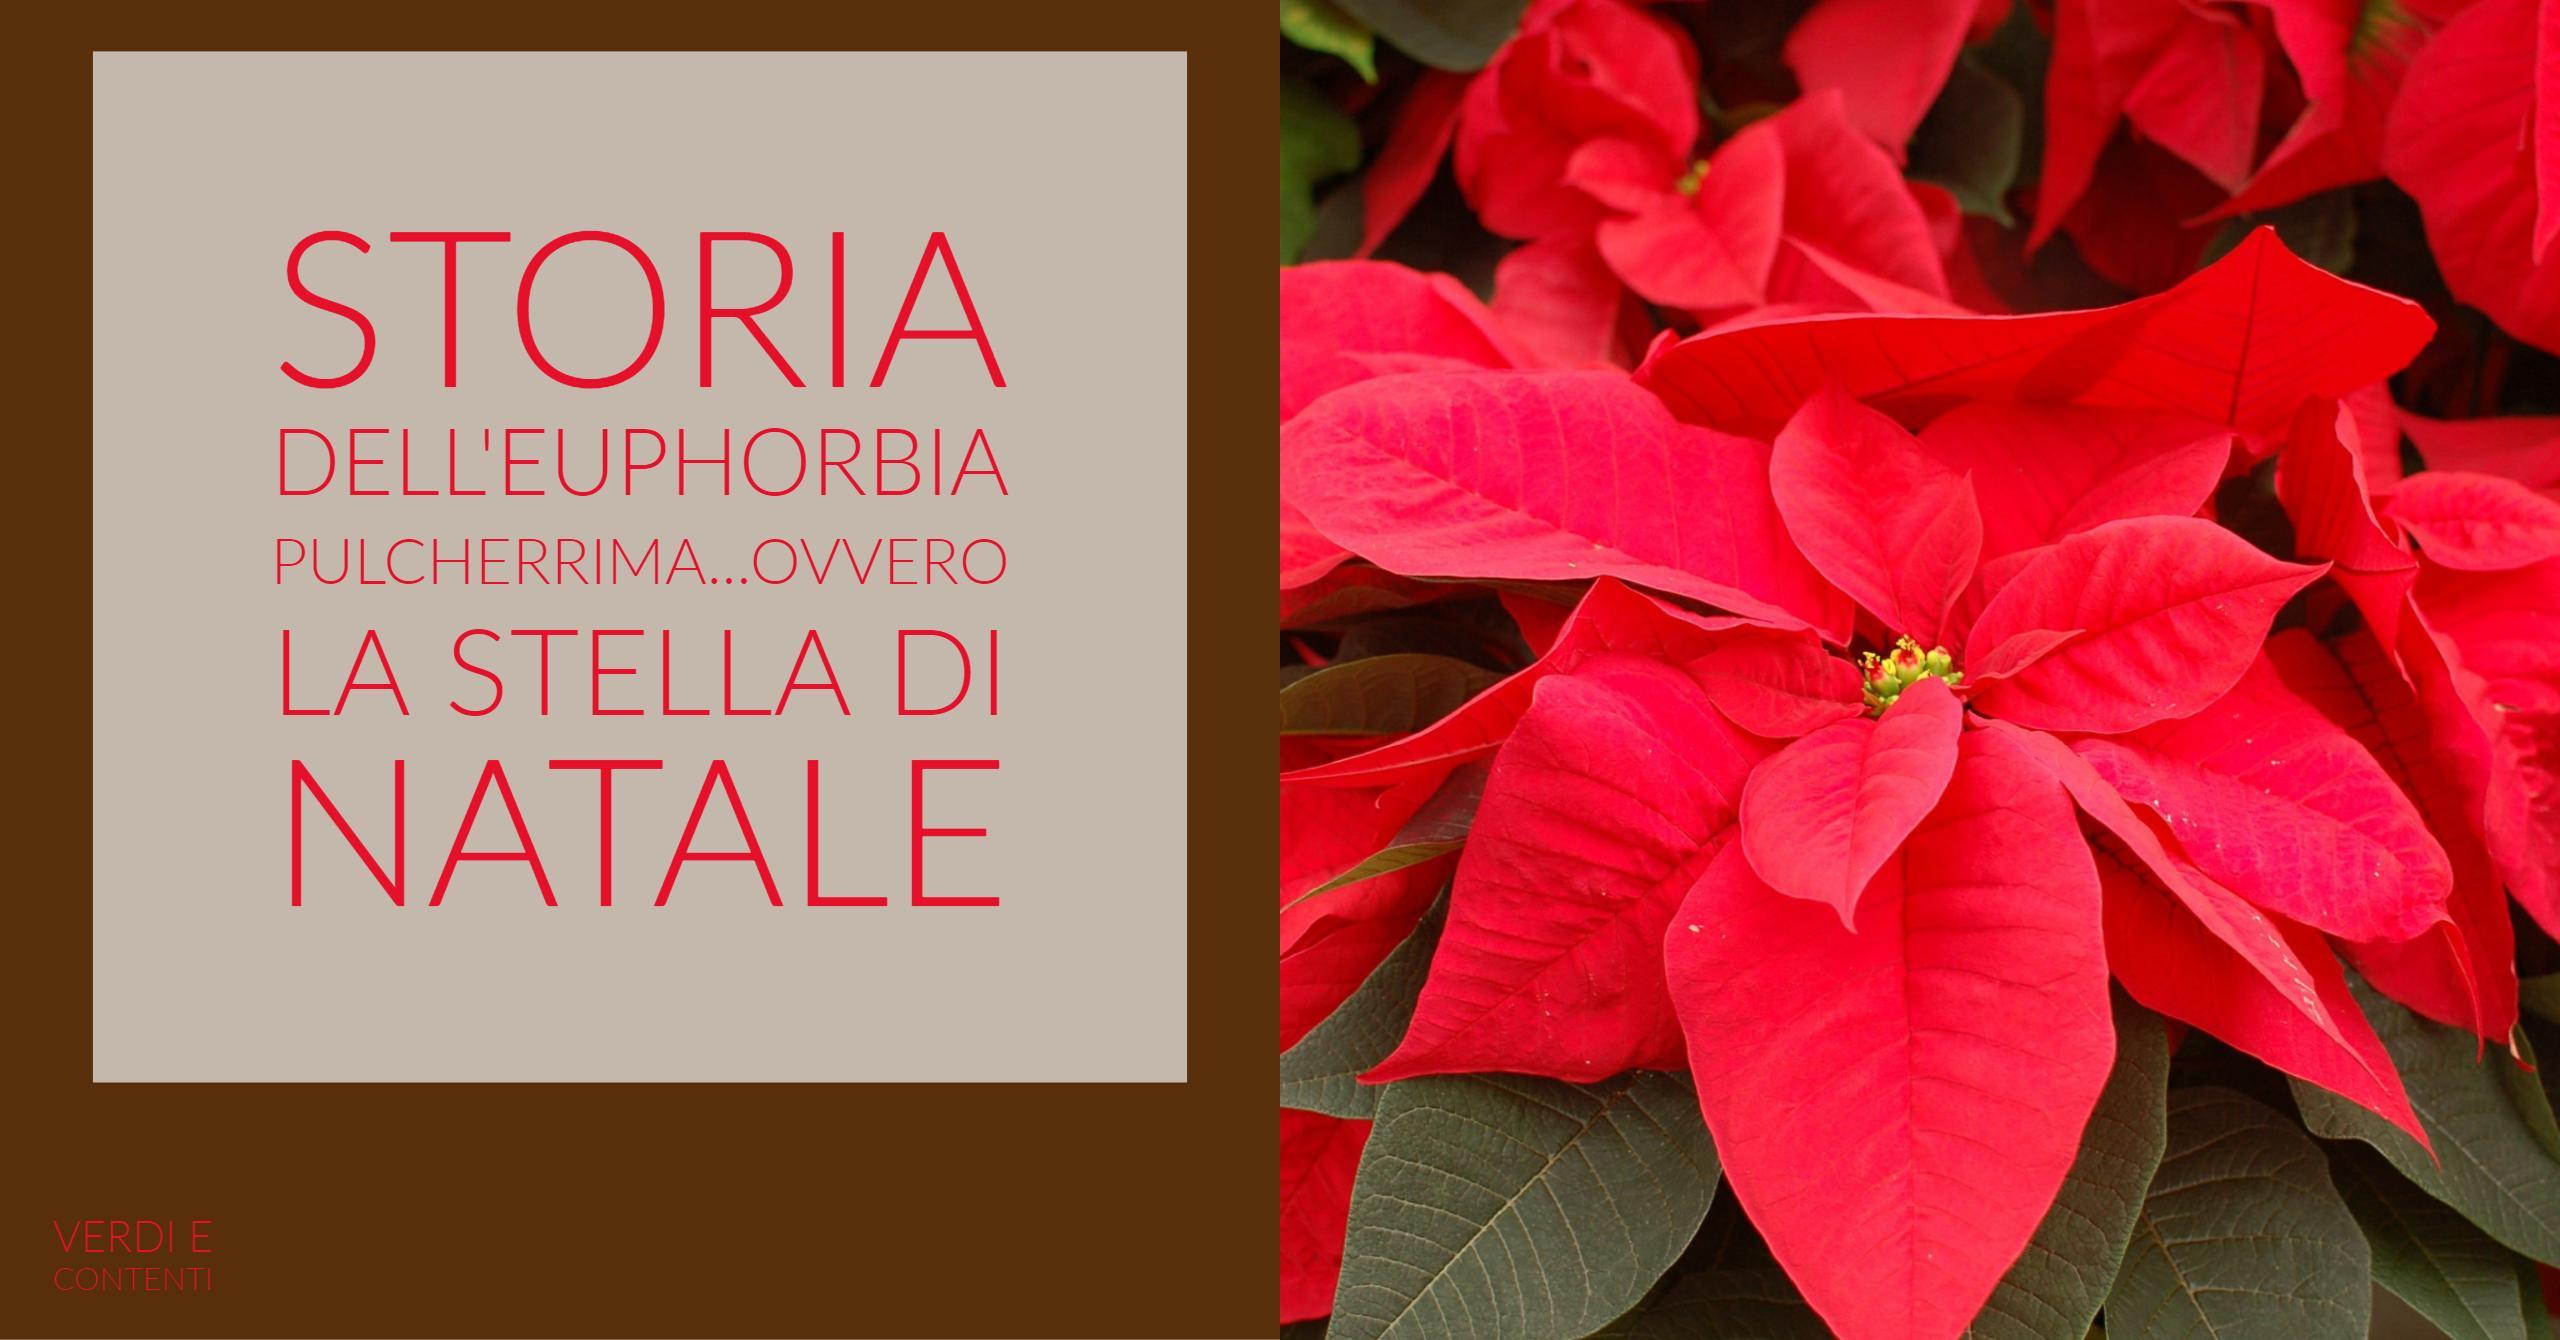 La storia dell' Euphorbia Pulcherrima ovvero storia della stella di Natale.